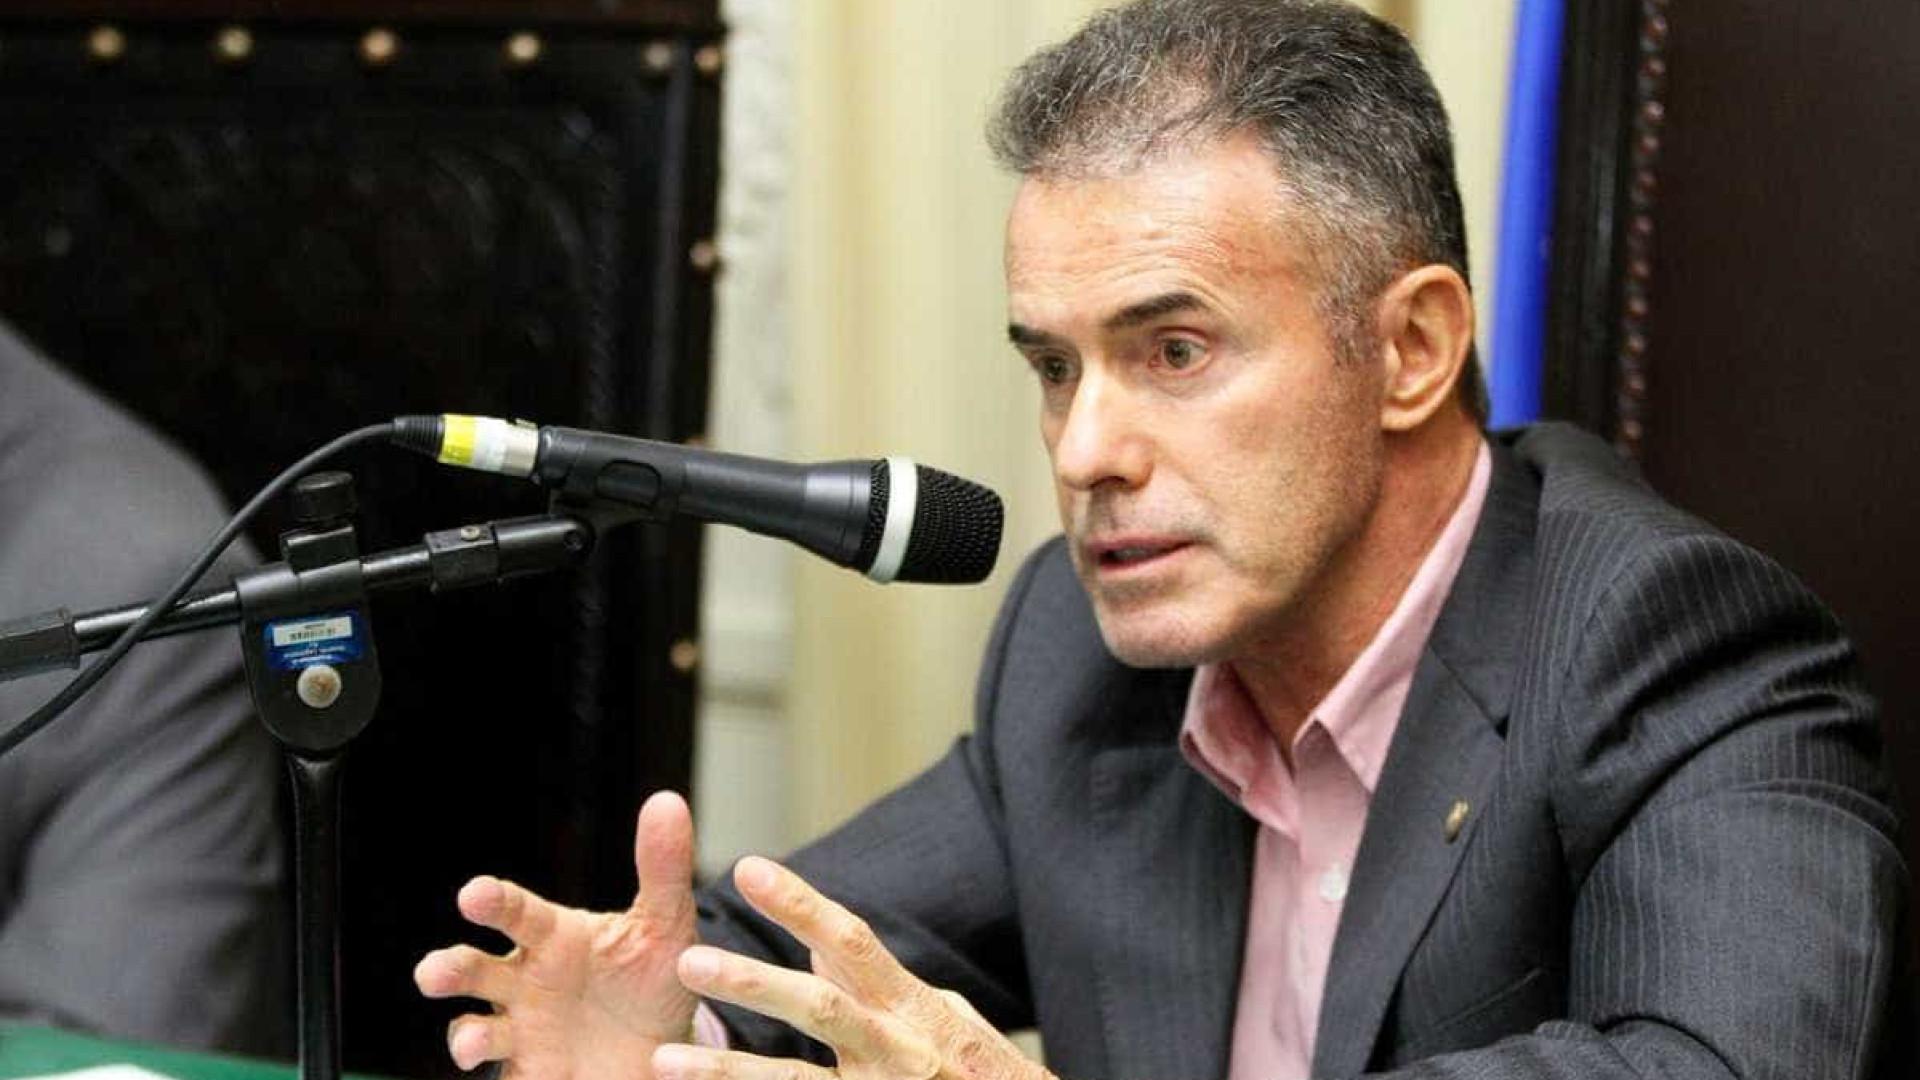 Procuradoria defende que deputados fiquem presos na Furna da Onça